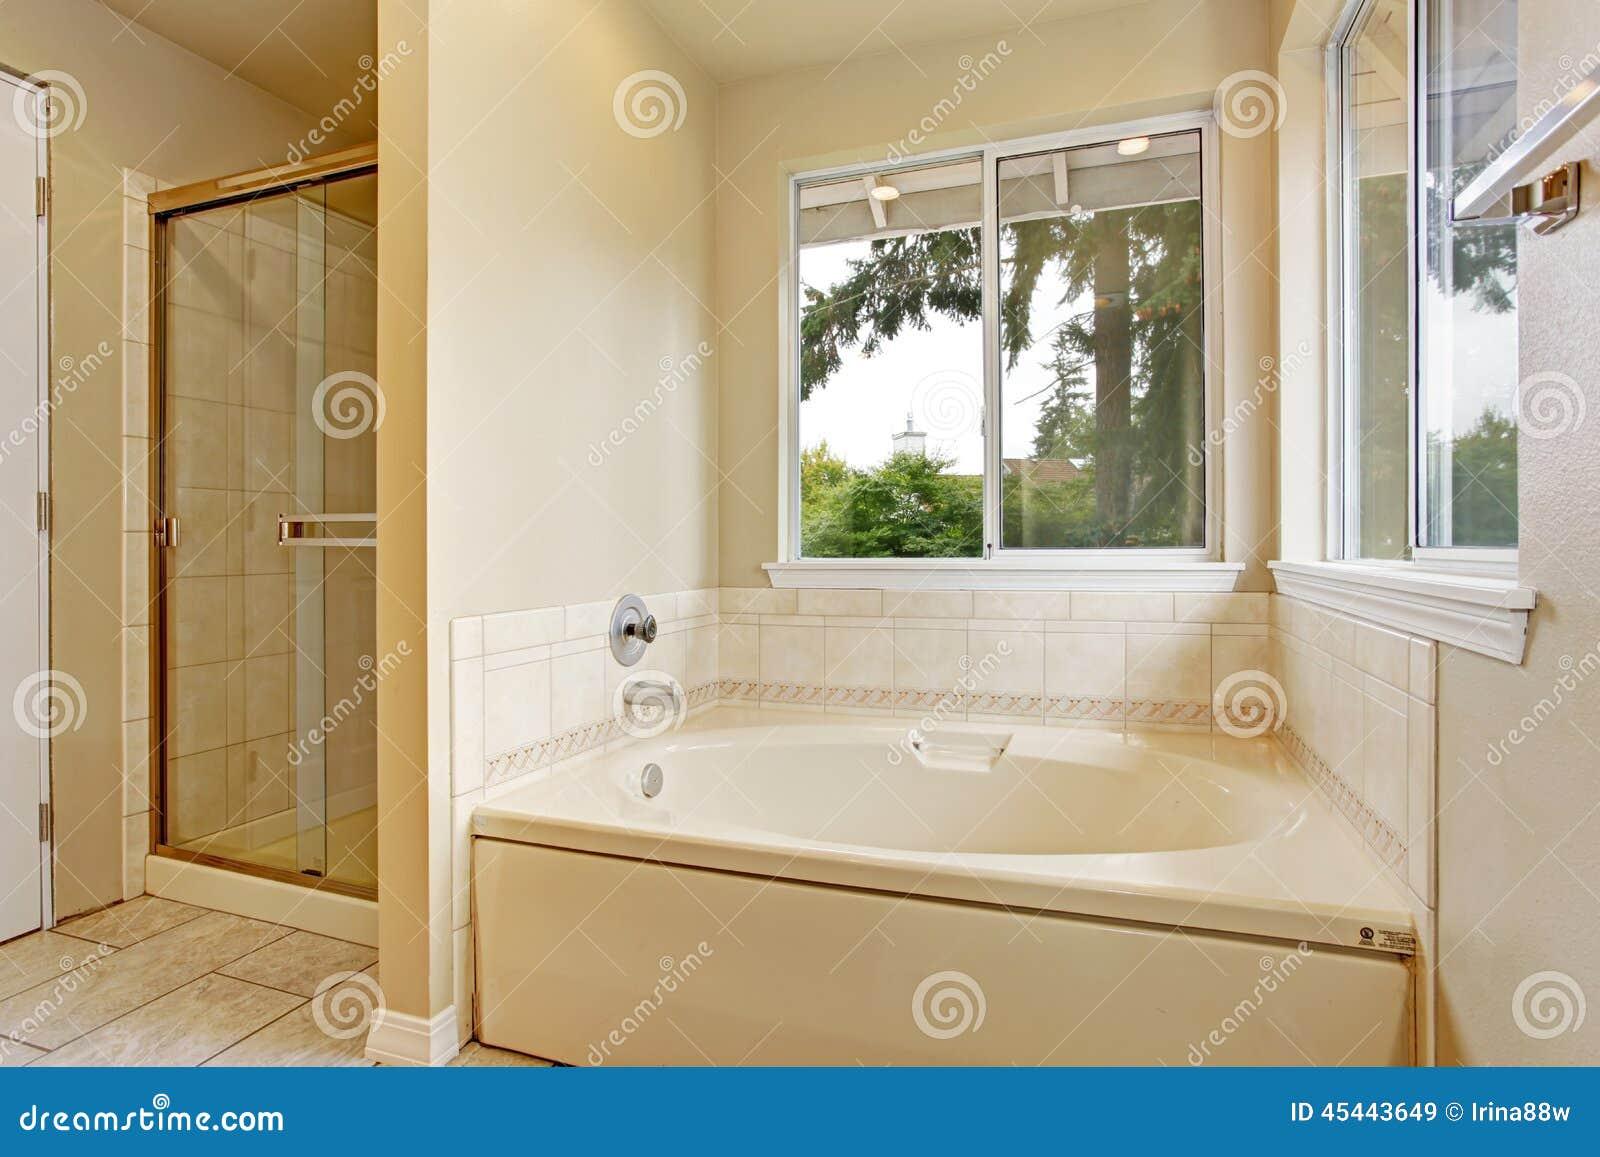 Vasca da bagno con le finestre immagine stock immagine - Paraschizzi vasca da bagno ...